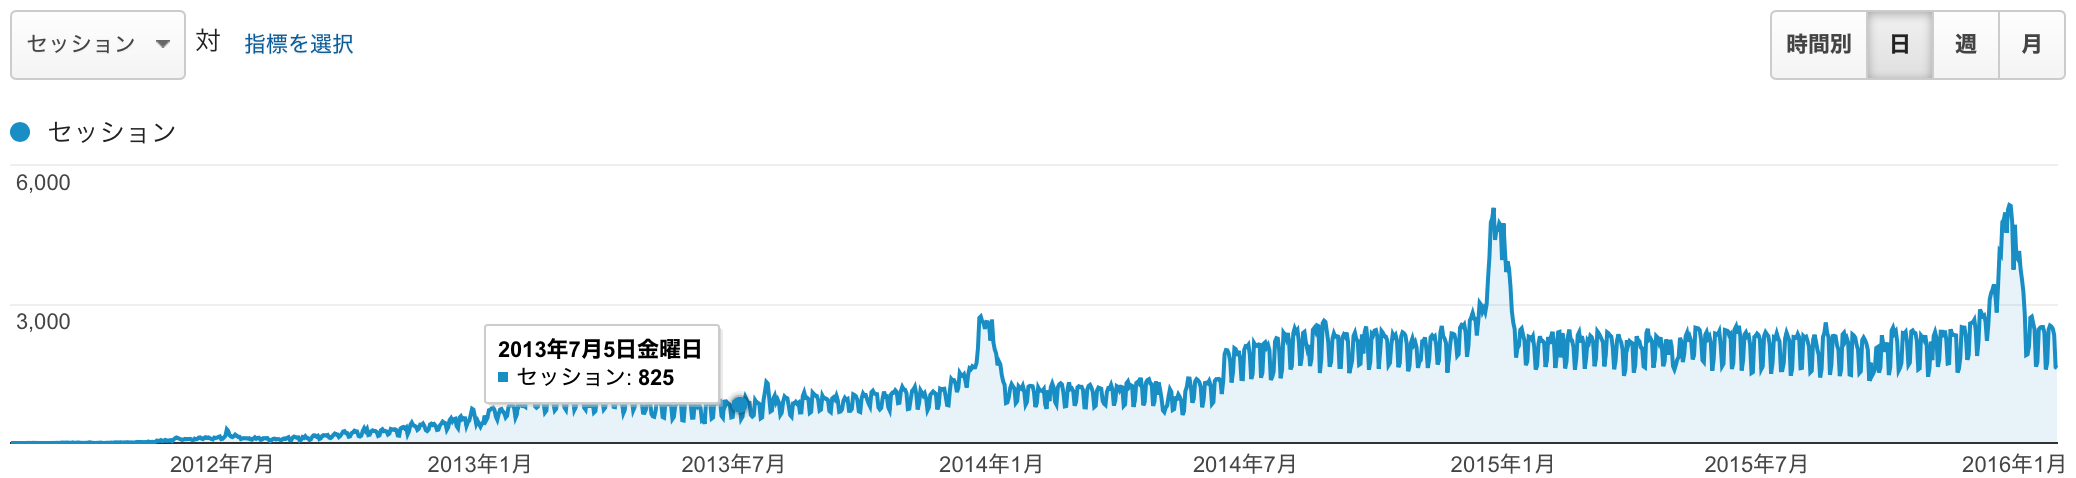 2012 年 2 月から、2016 年 1 月いっぱいまでのアクセス